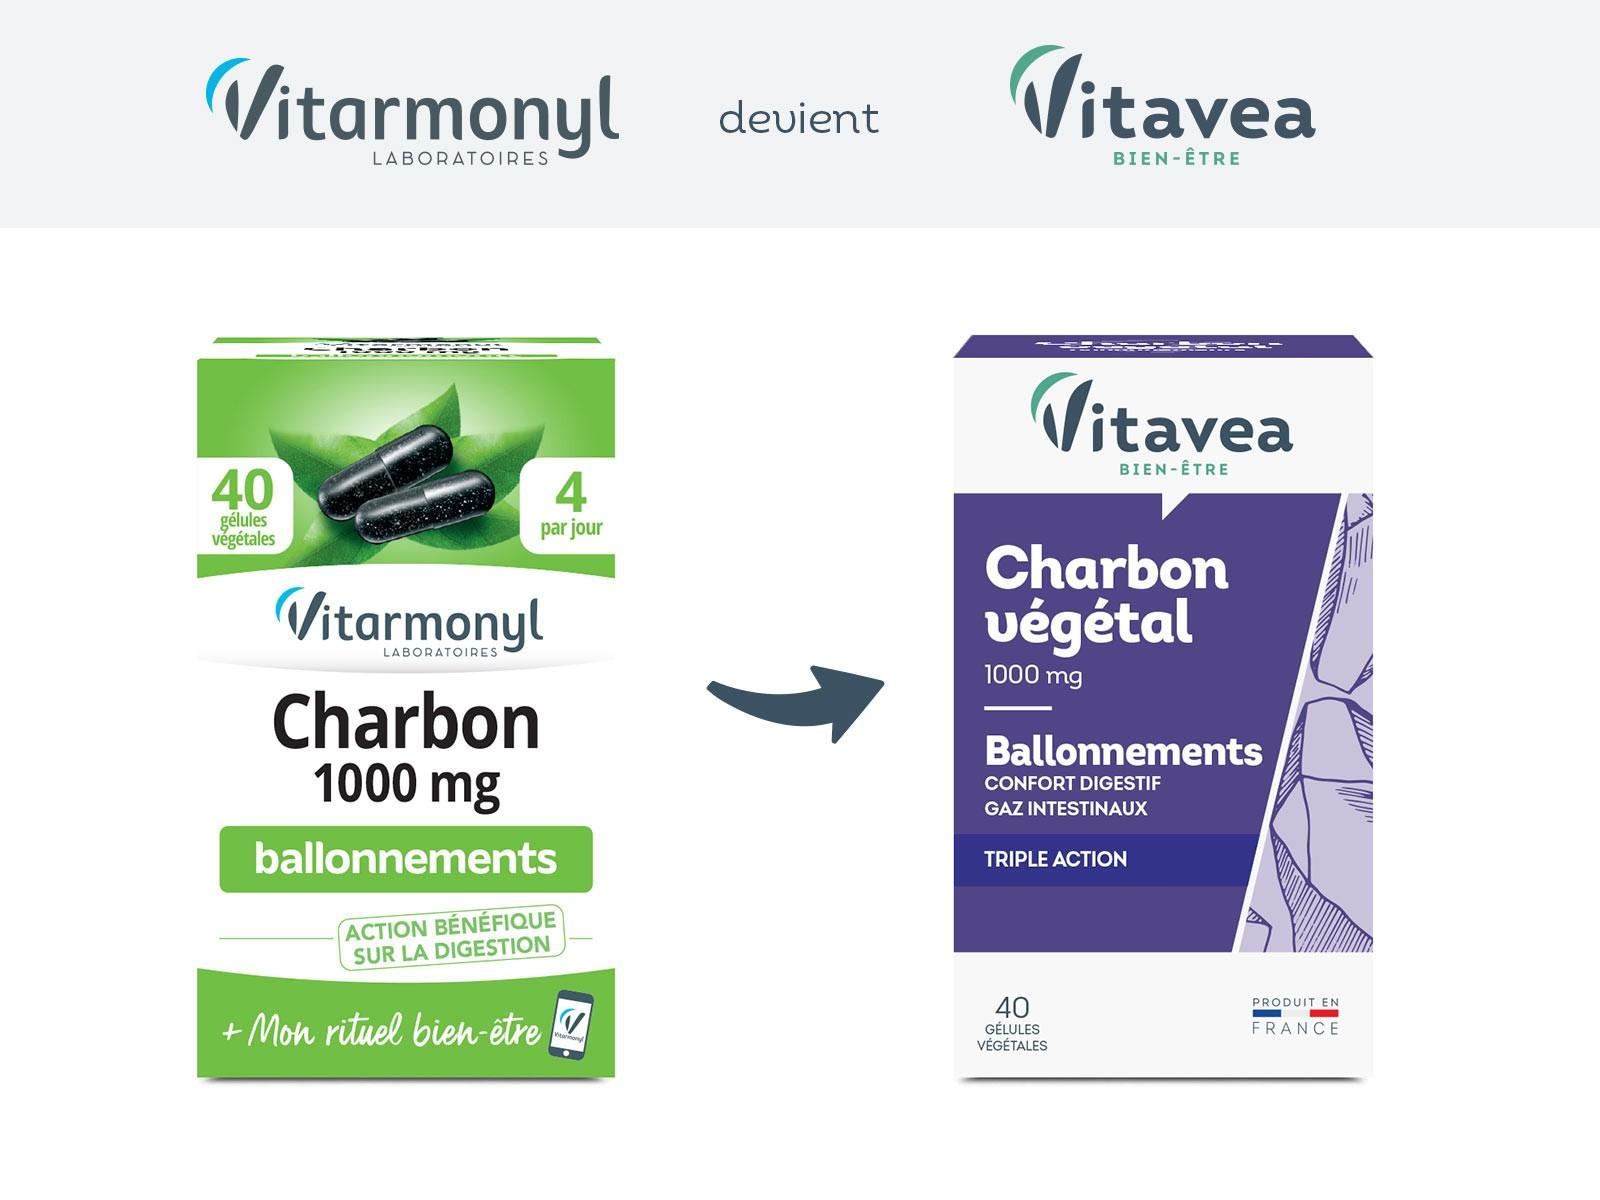 Image Charbon 1000 mg